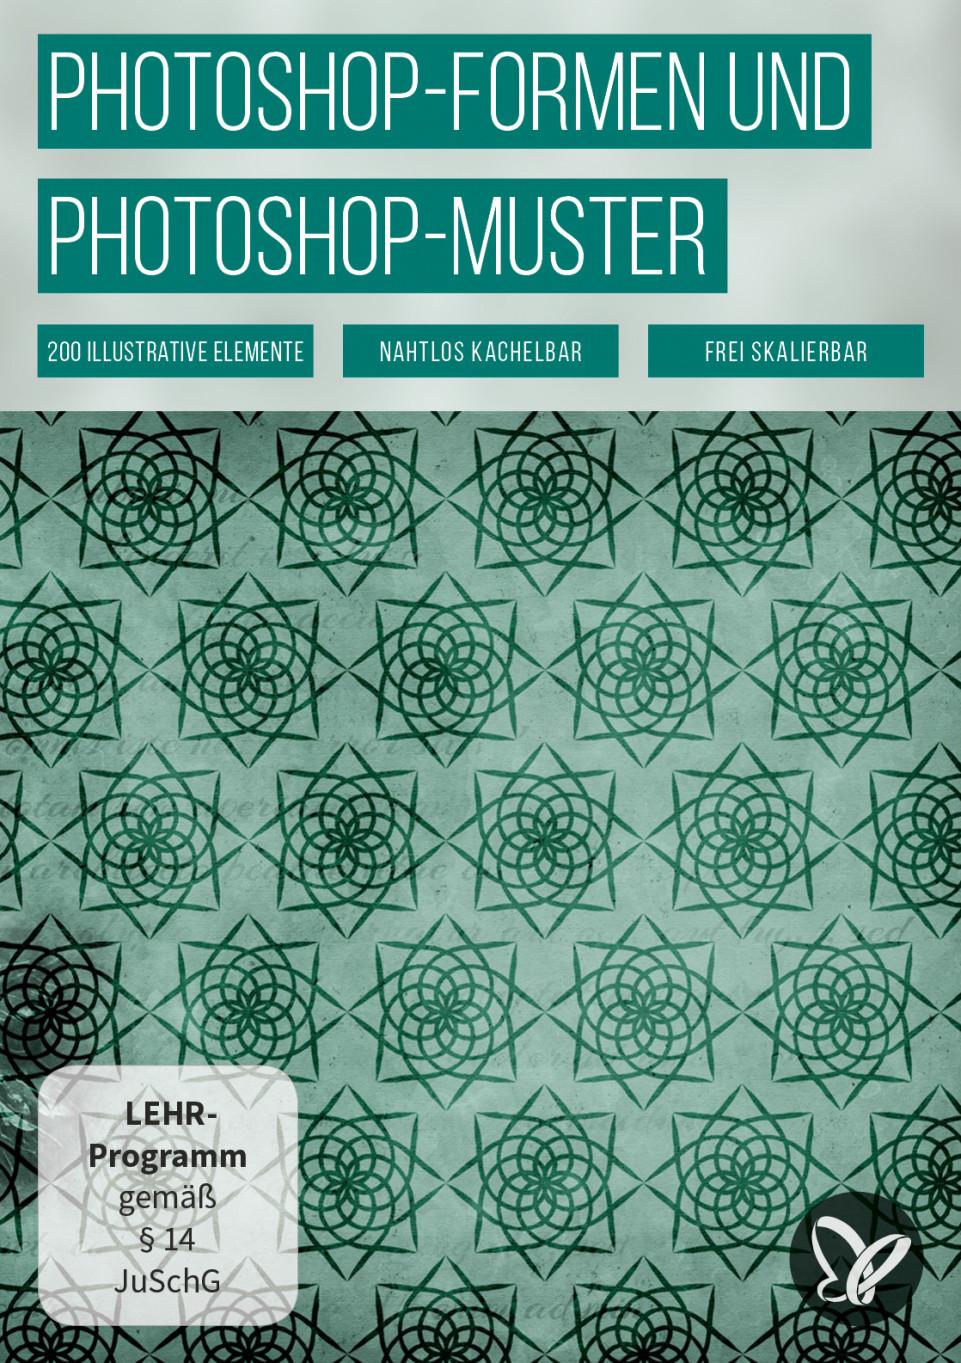 Photoshop-Muster und -Formen: Vintage-Ornamente